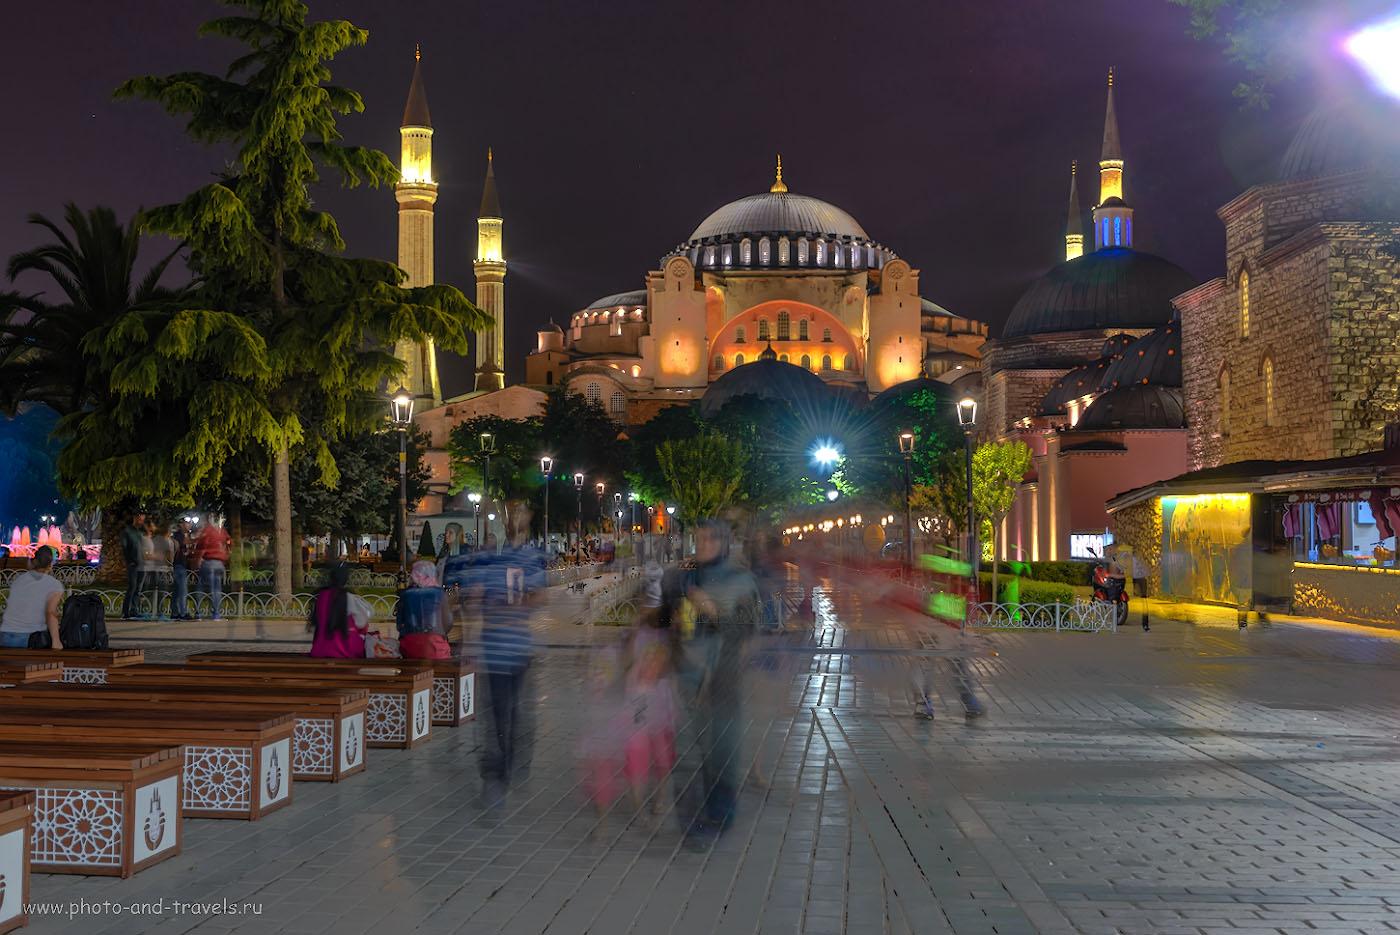 Фото 2. Софийский собор (Айя-София) в Стамбуле. Отзывы туристов о самостоятельной экскурсии. HDR из 3-х кадров. Снято со штатива Sirui T-2204X с головкой G20-KX. Камера Nikon D610, объектив Nikon 24-70mm f/2.8.